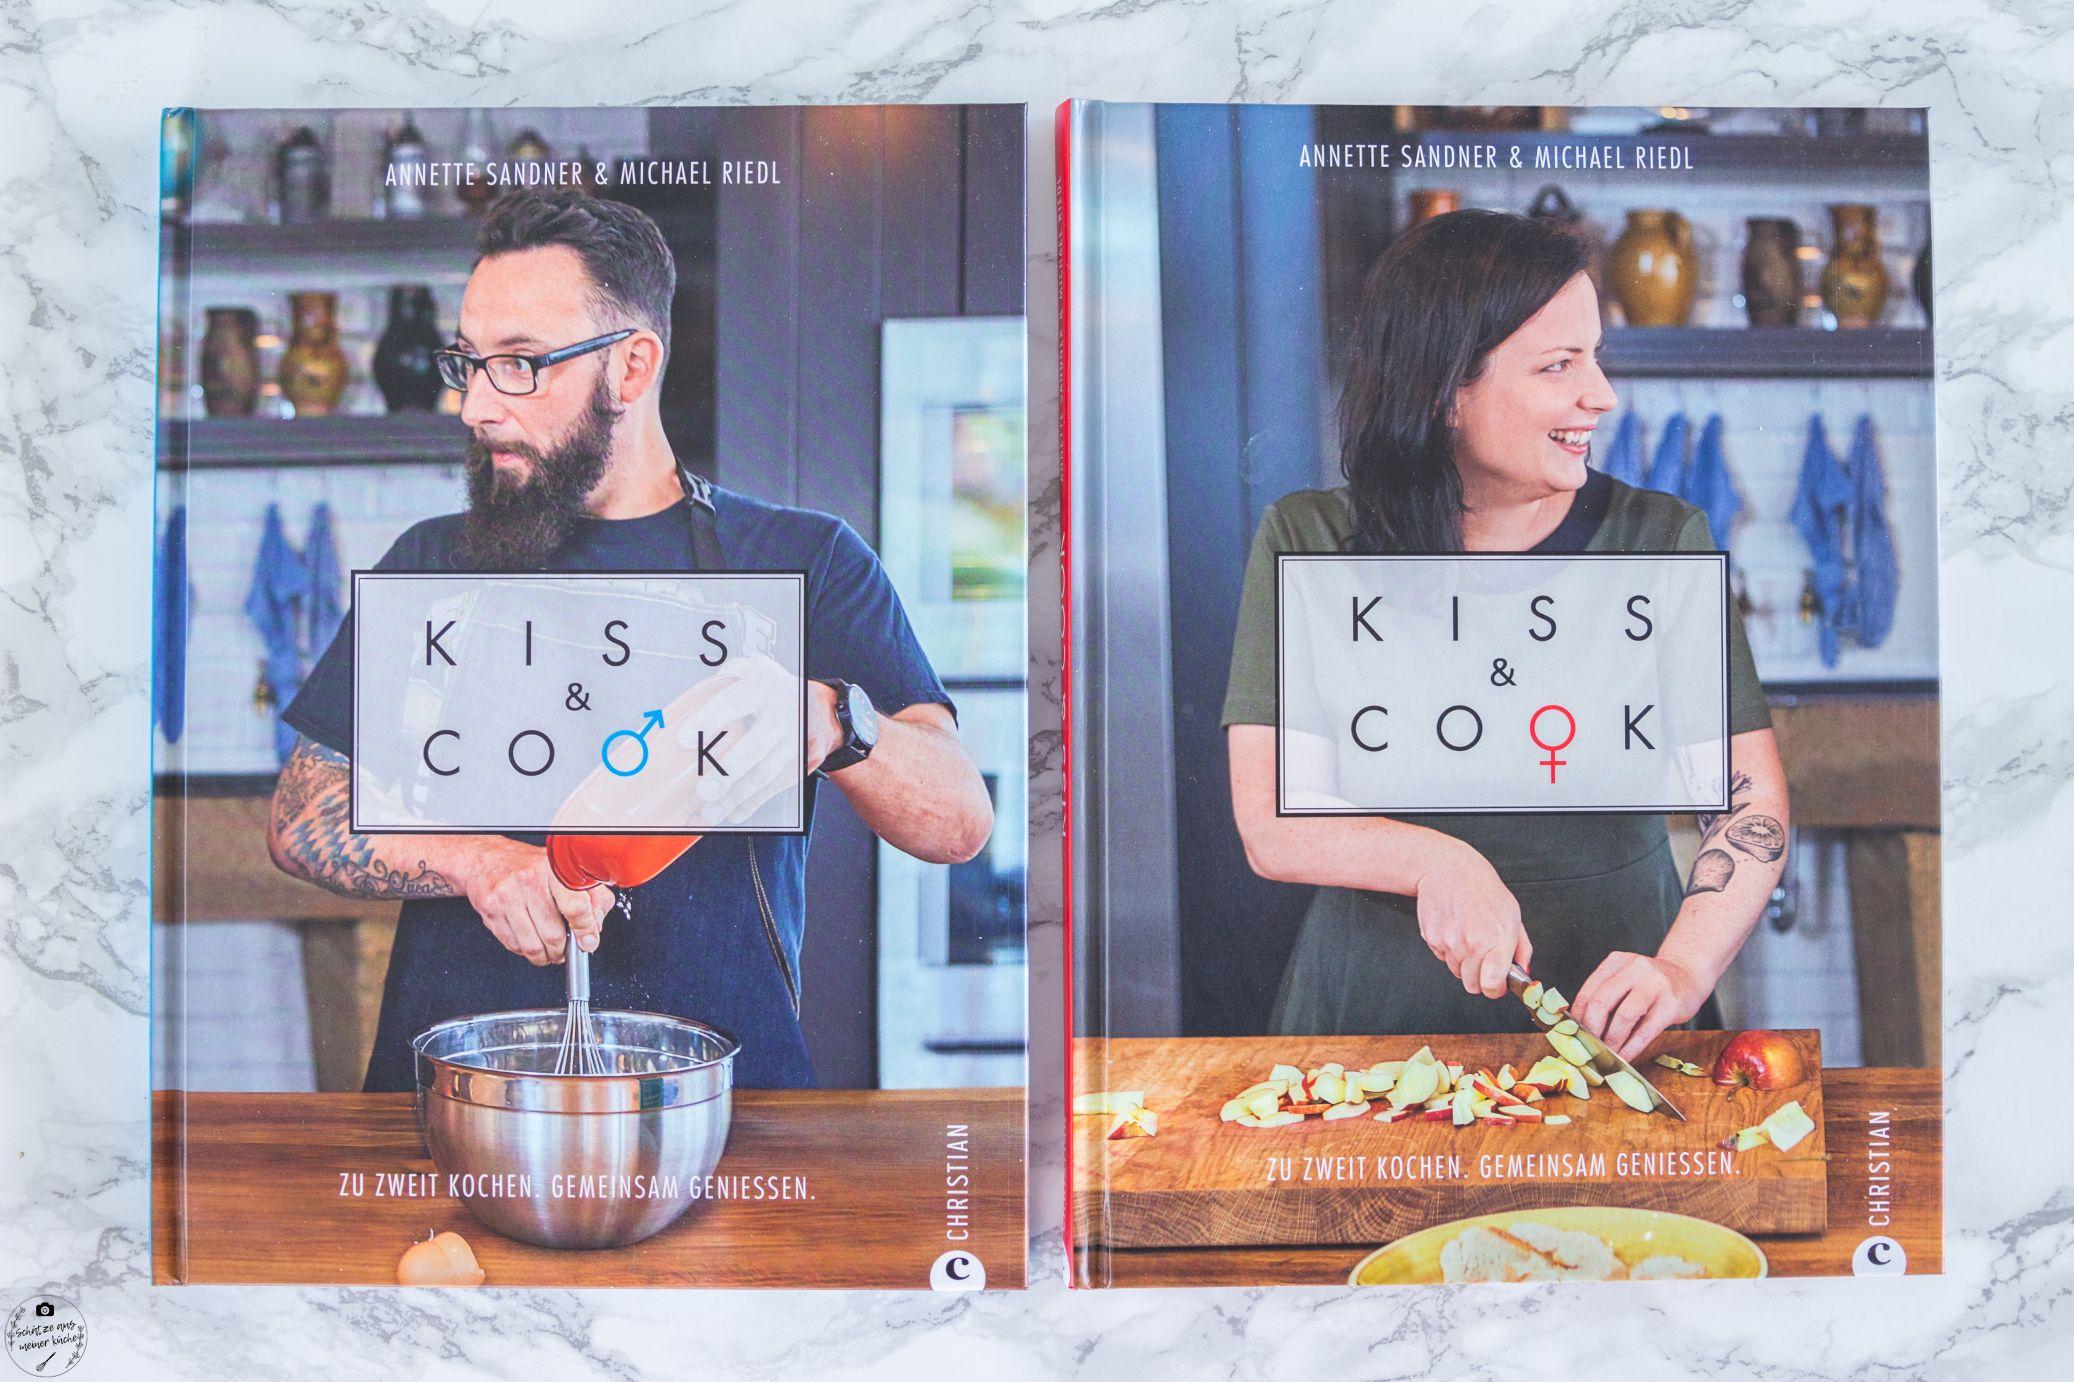 Kiss & Cook Annette Sander Christian Verlag